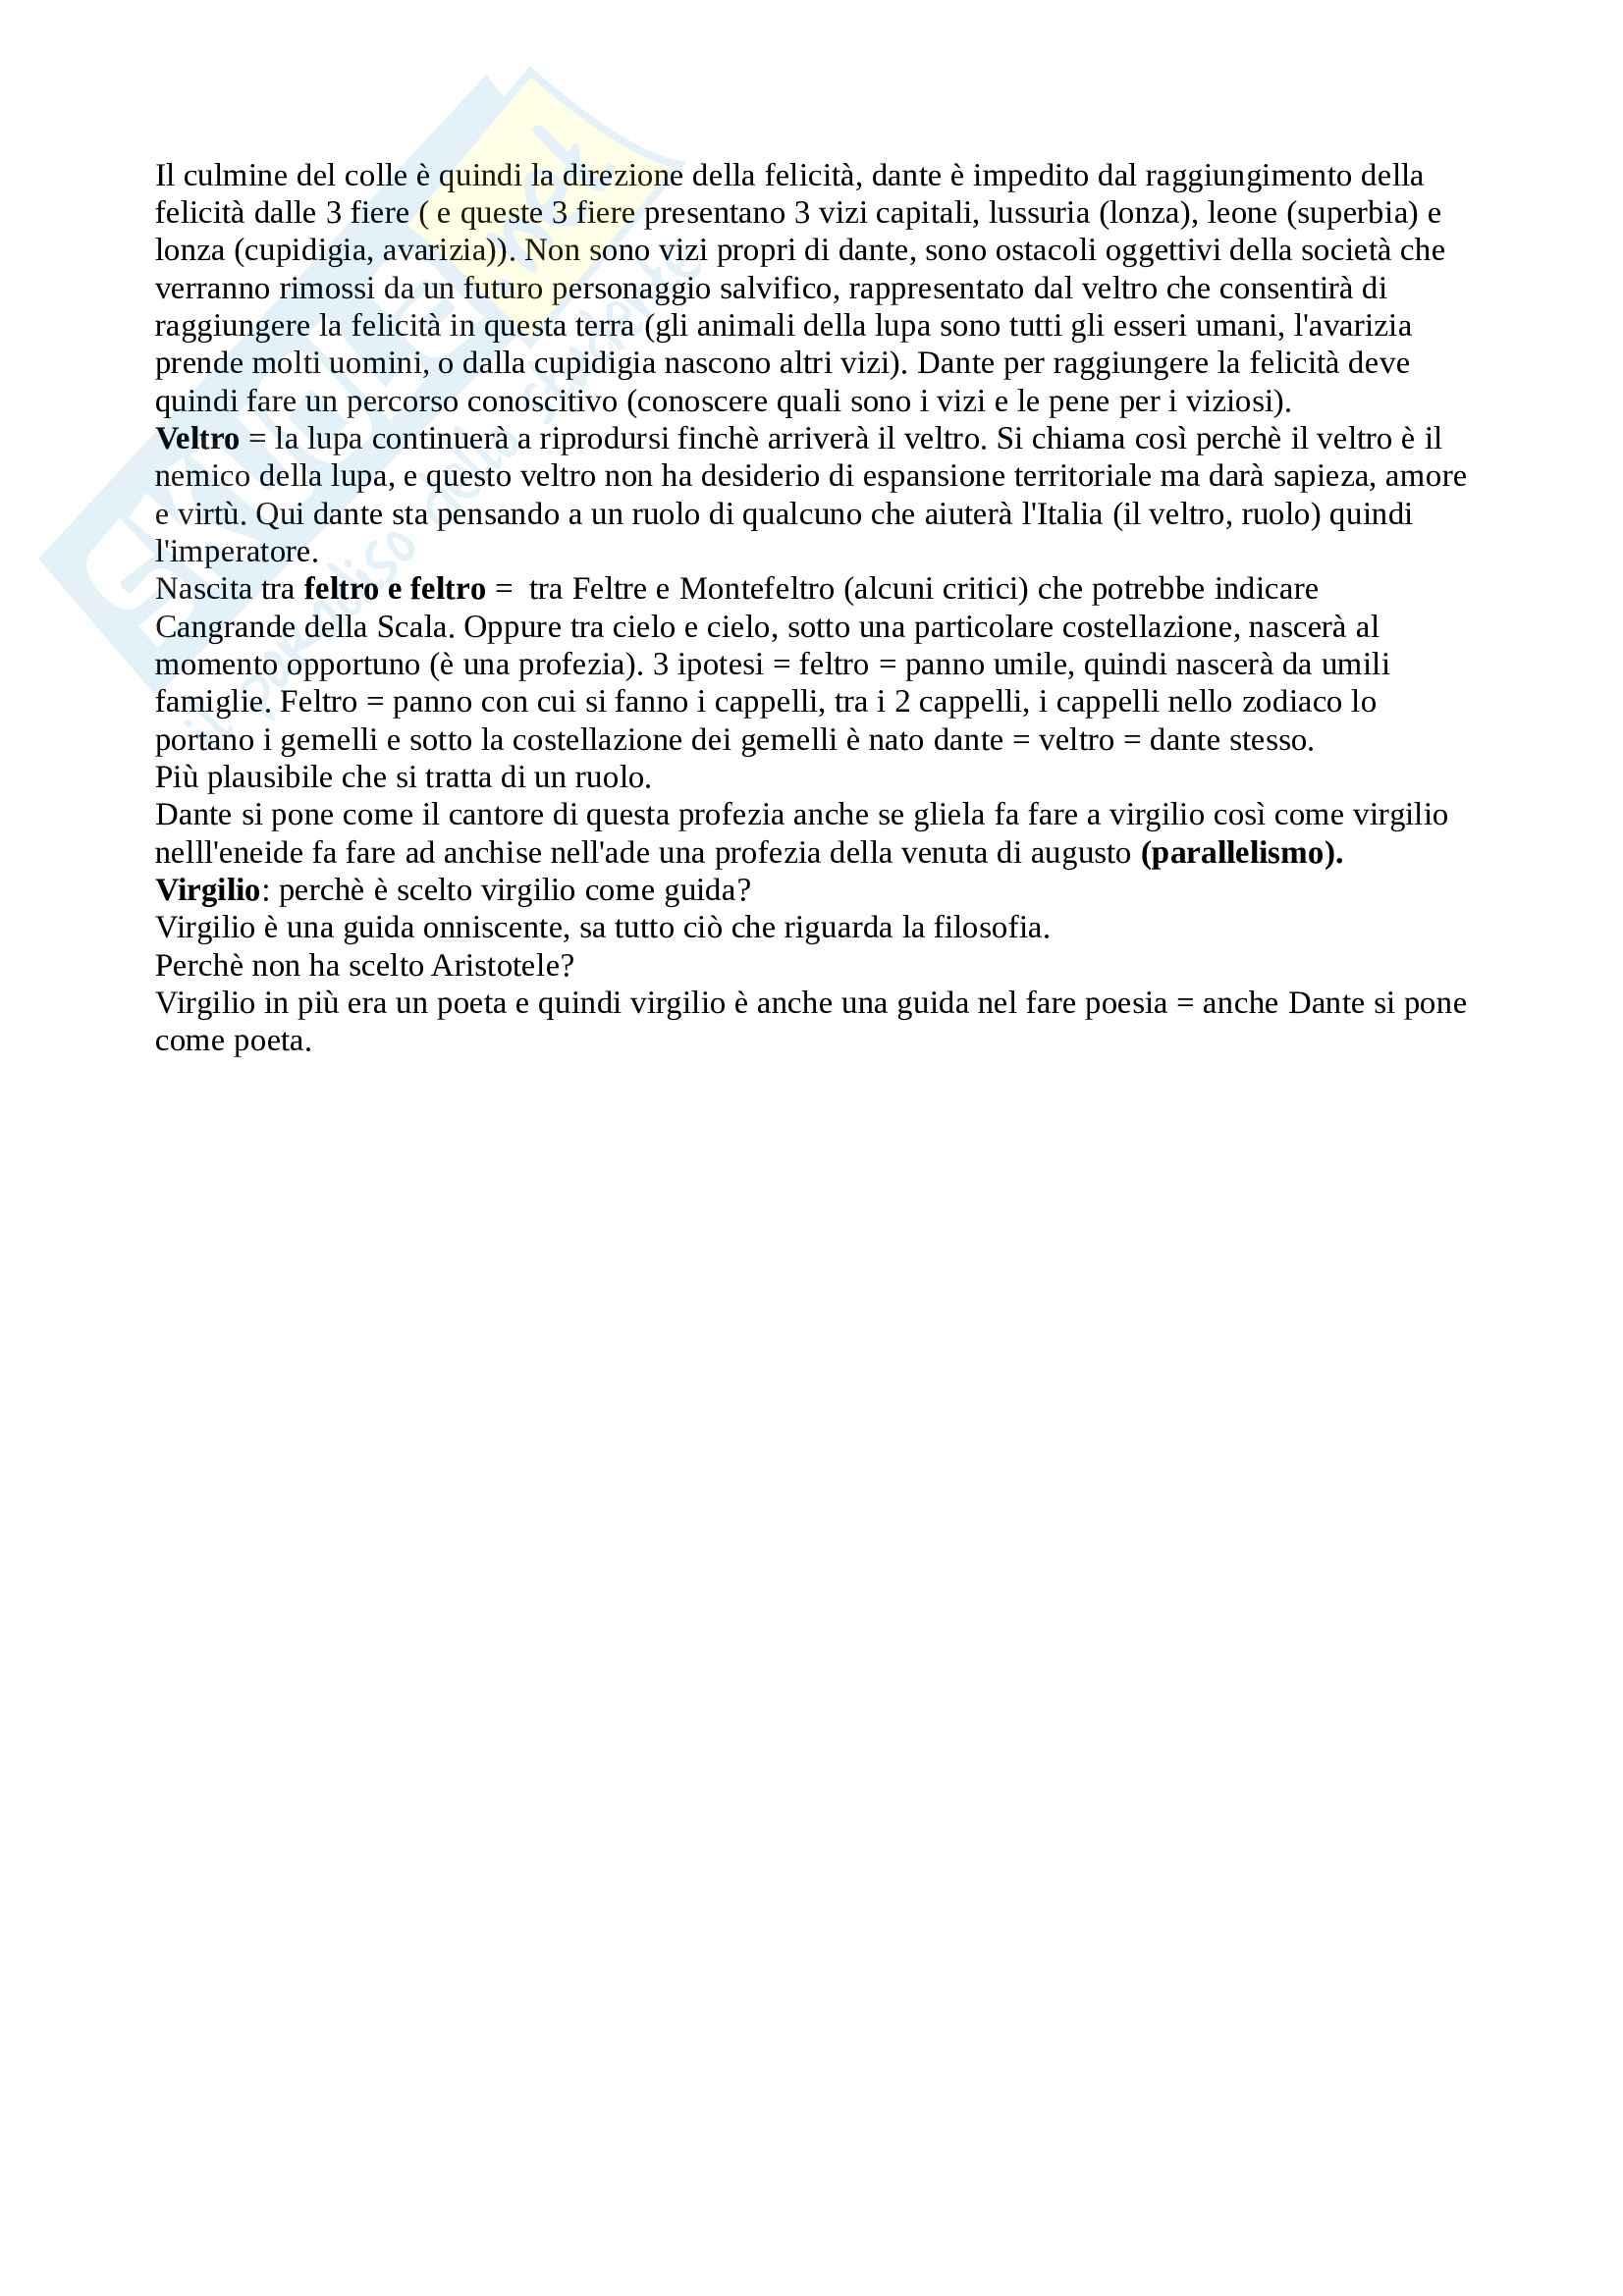 Parafrasi + Commento del I canto dell'inferno della Divina Commedia, per esame di Introduzione a Dante del docente Bellomo Saverio Pag. 6